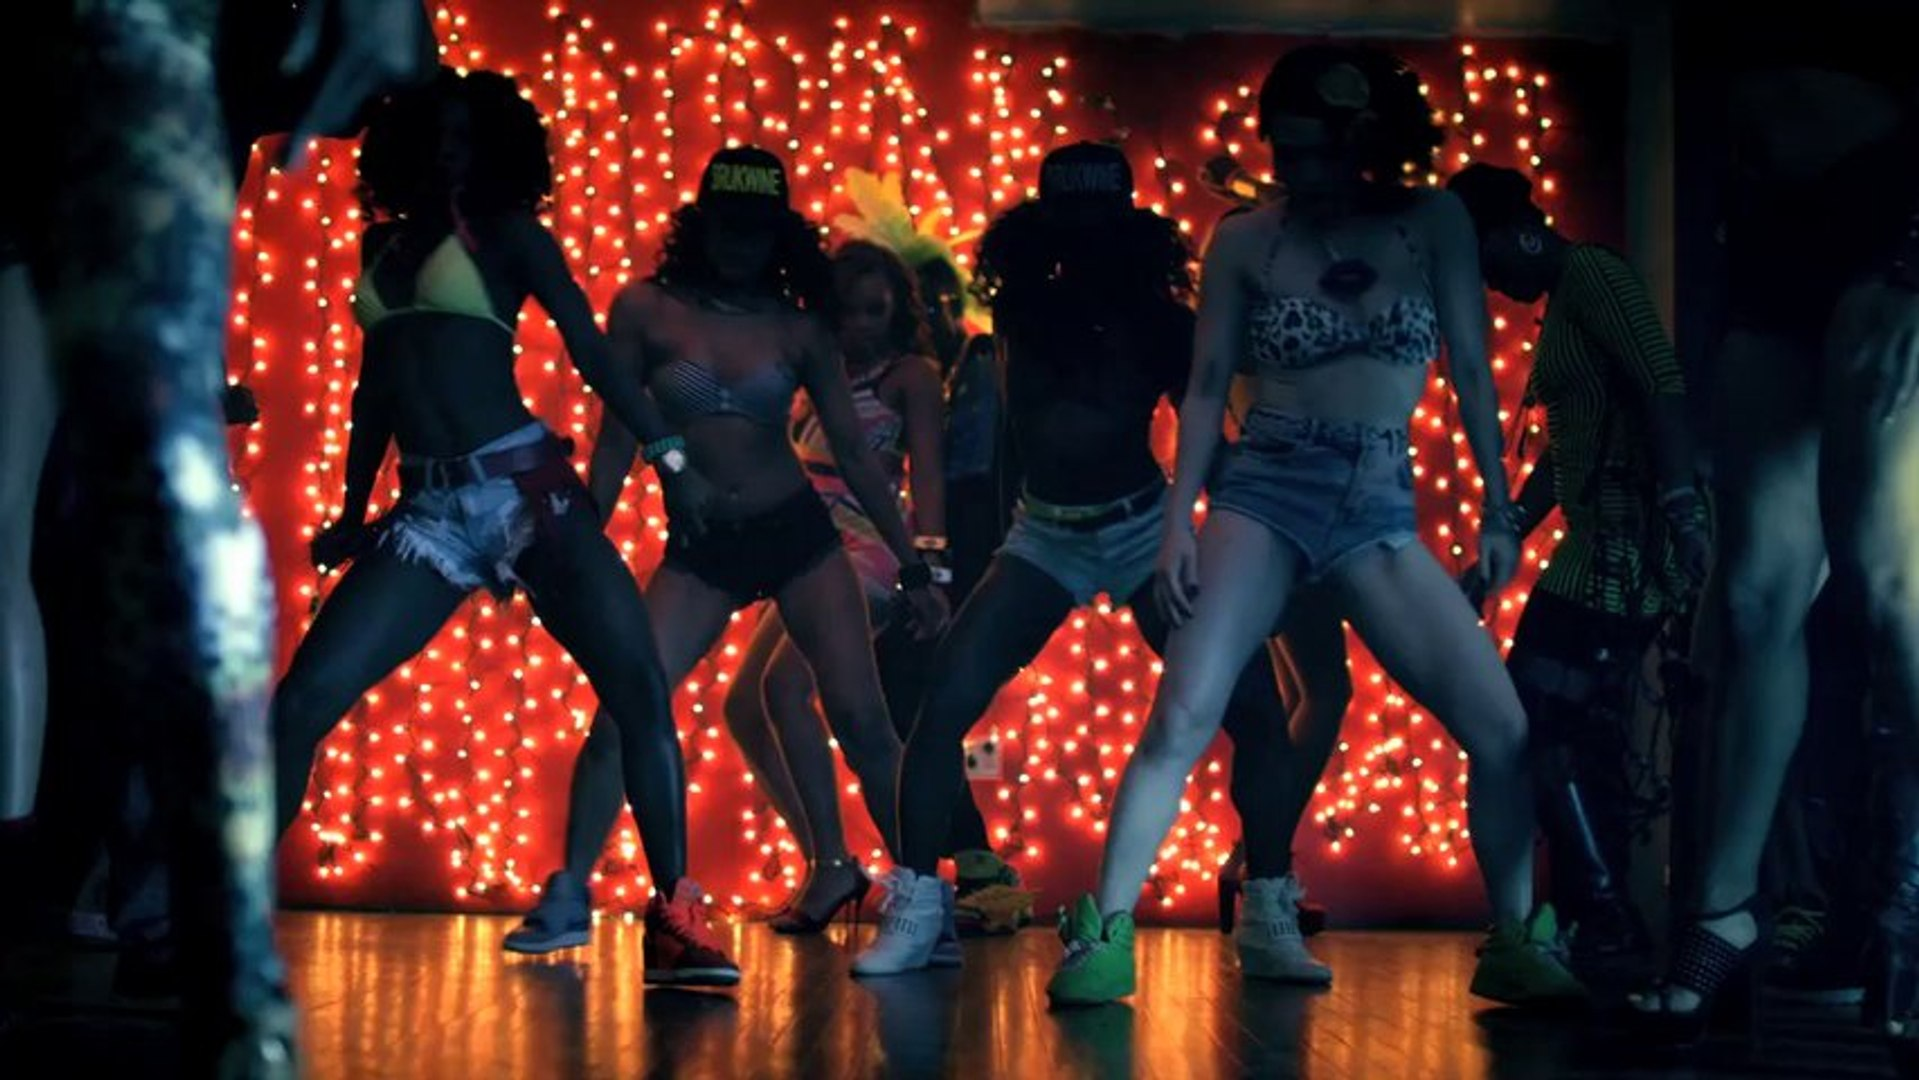 Busta Rhymes ft. Nicki Minaj - Twerk It (Official Music Video)